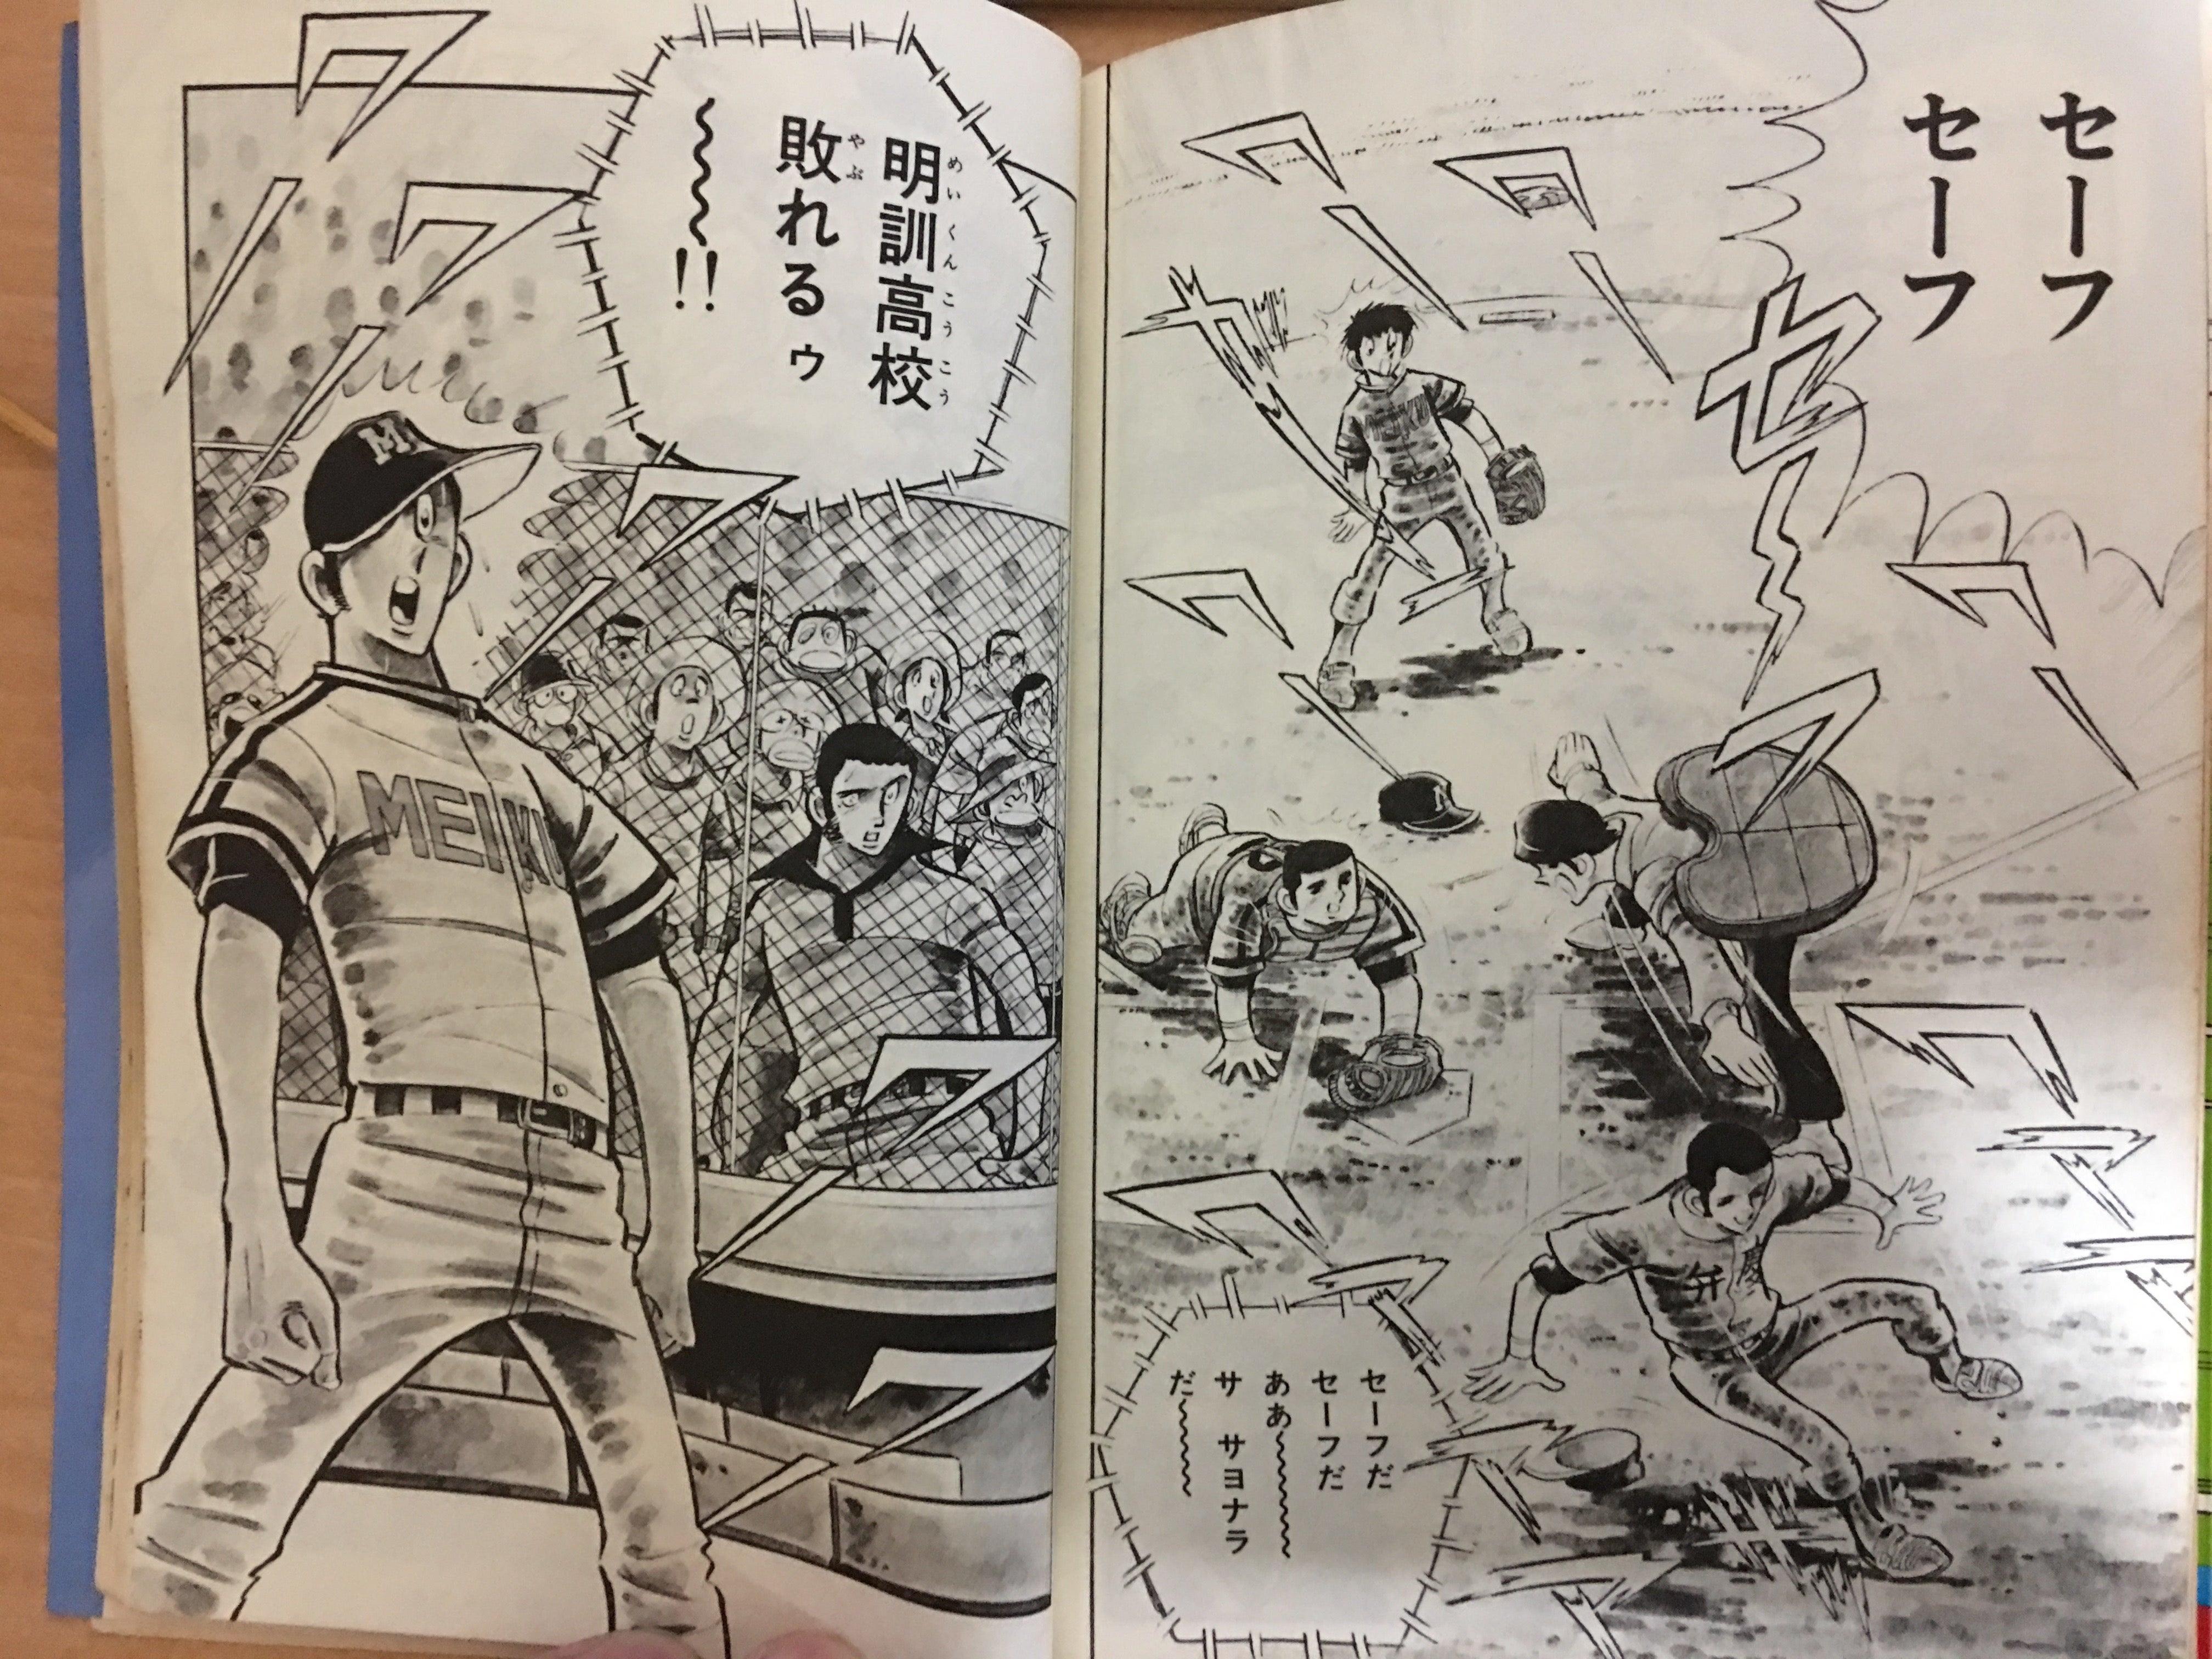 漂流バカボン#681 弁慶高校コメント